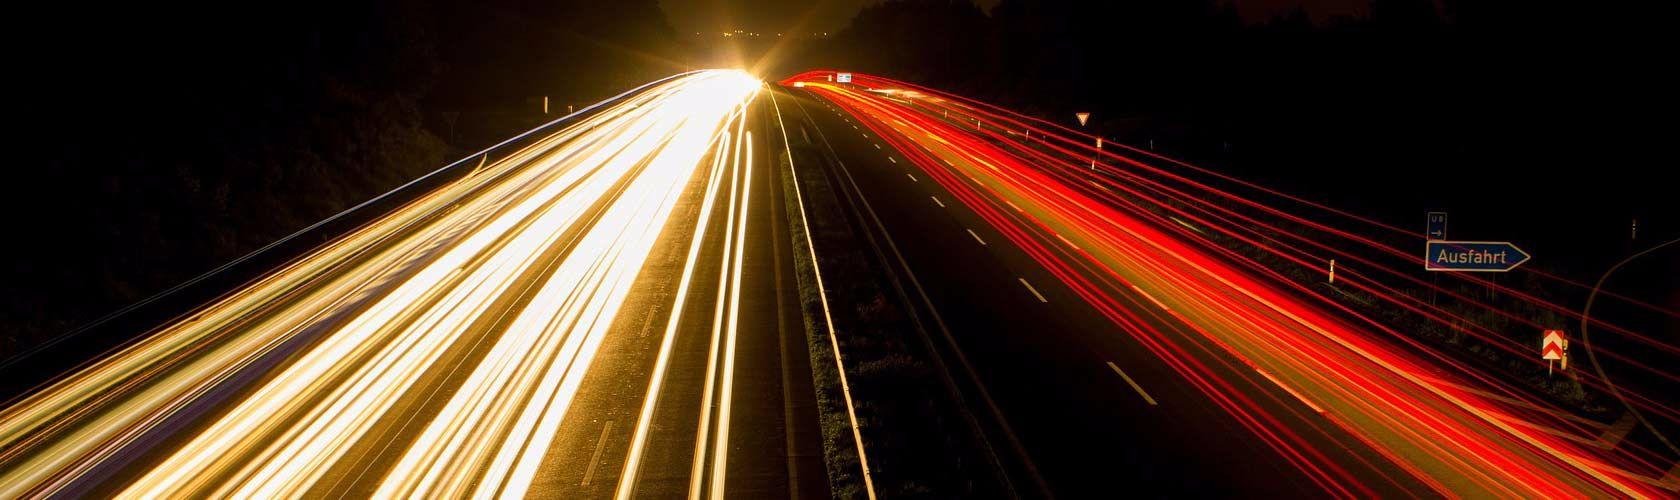 Verkehrsflächenreinigung in Hannover - Beispiel Autobahn bei Nacht